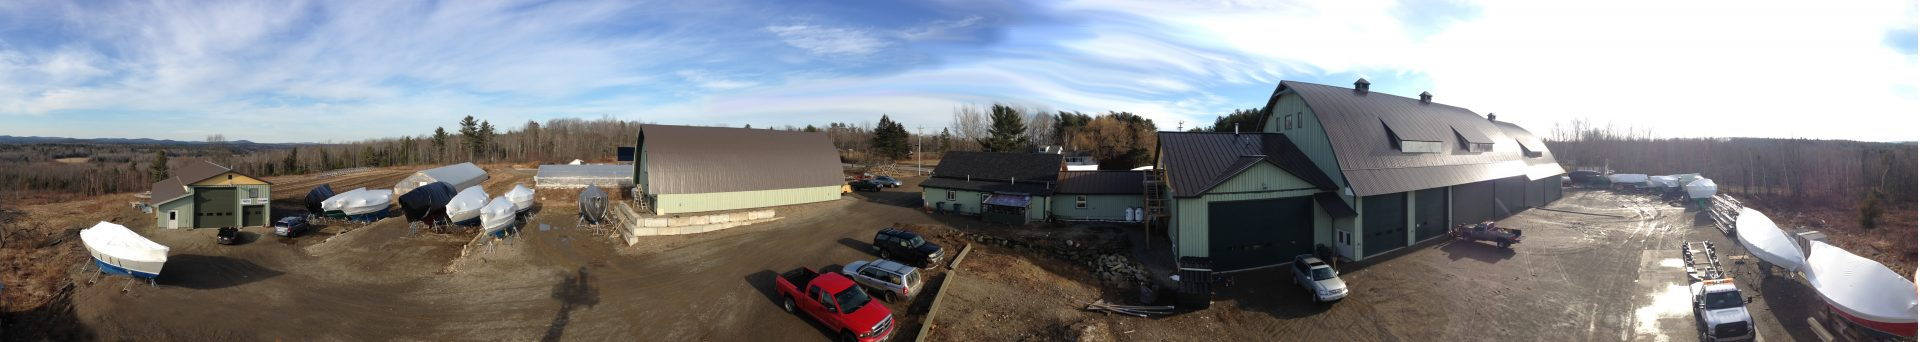 Yard panoramic